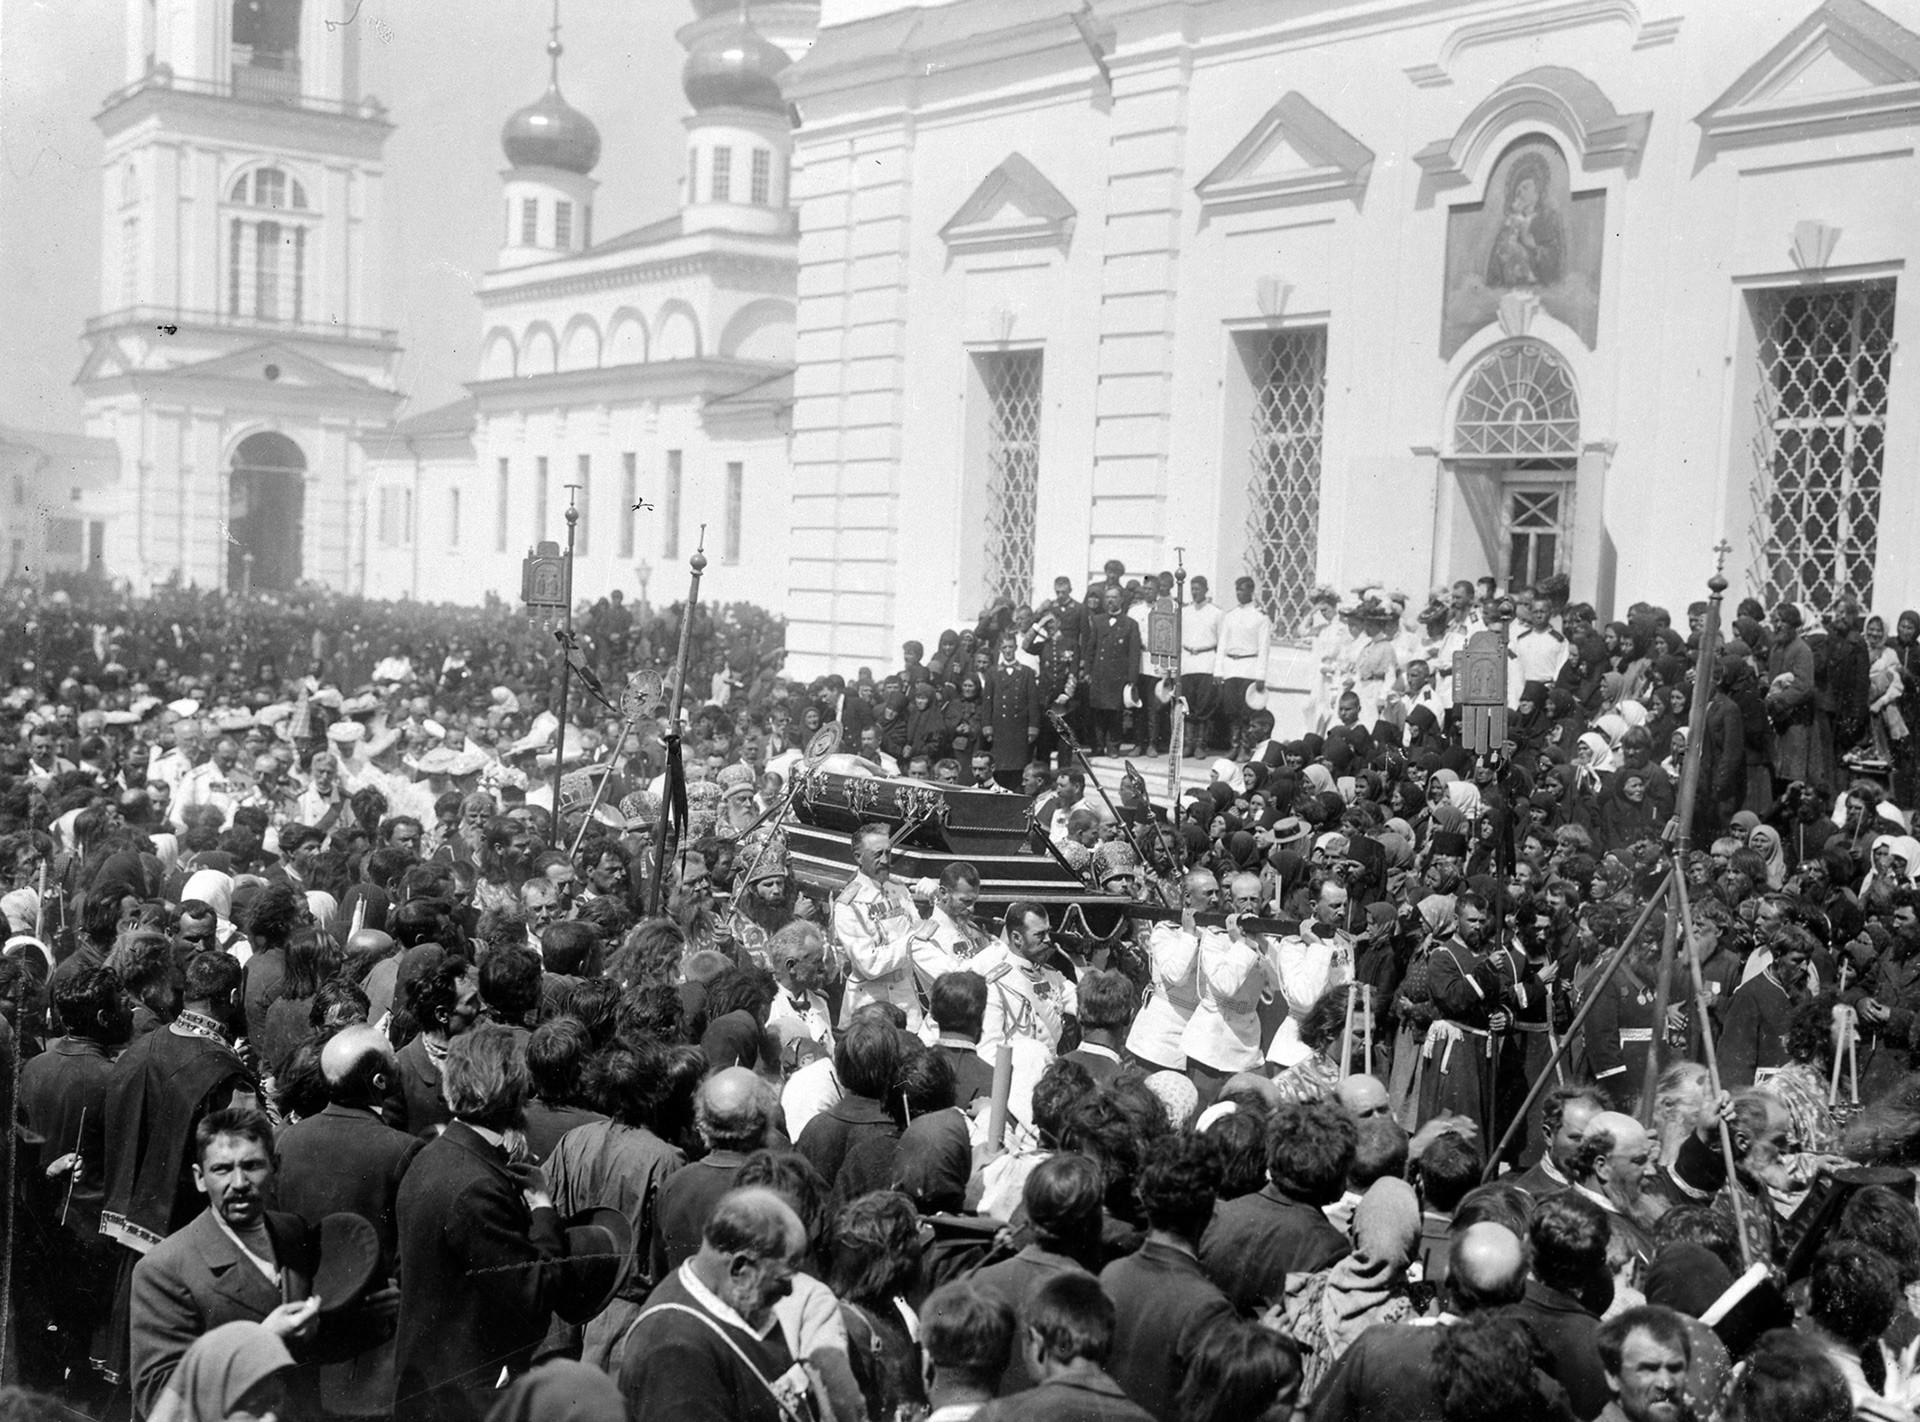 El zar Nicolás II y los grandes duques llevan un ataúd con las reliquias sagradas de Serafín de Sarov, 17-20 de julio de 1903.